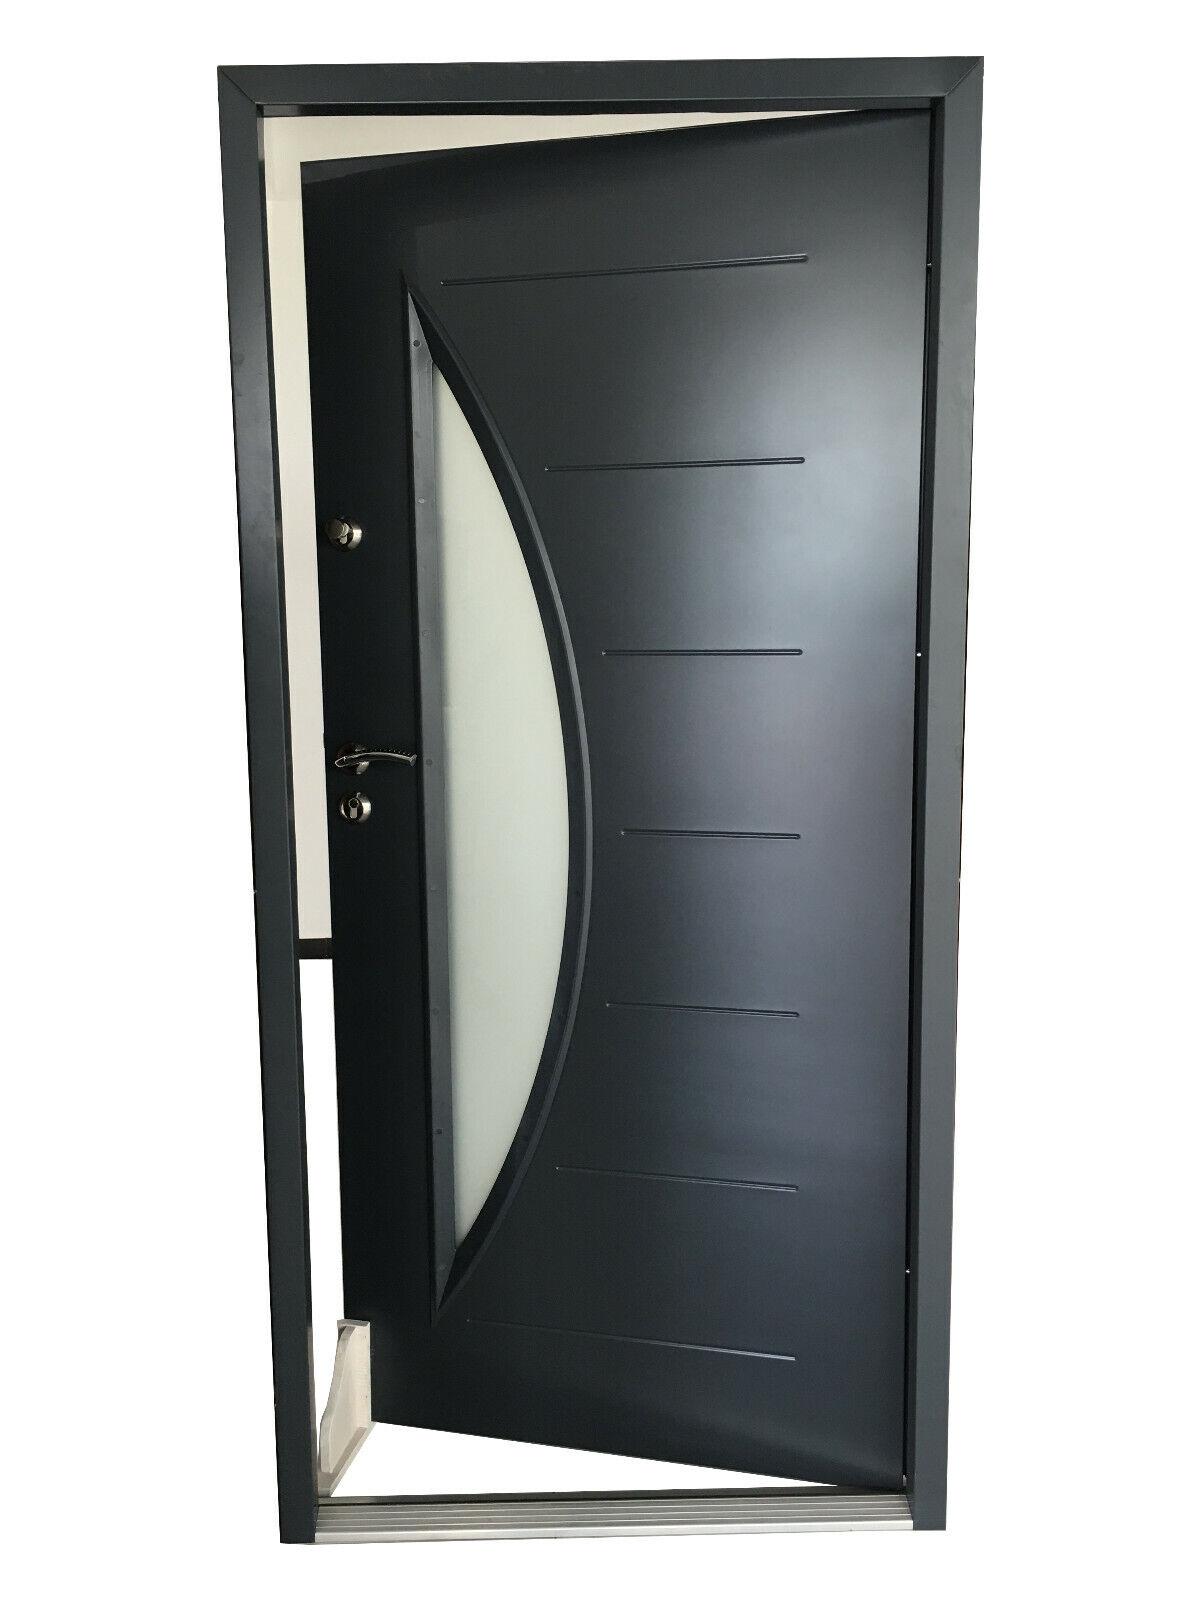 Haustür Eingangstür  Wohnungstür Hauseingangstür 1000x2095mm Anthrazit #FDS29